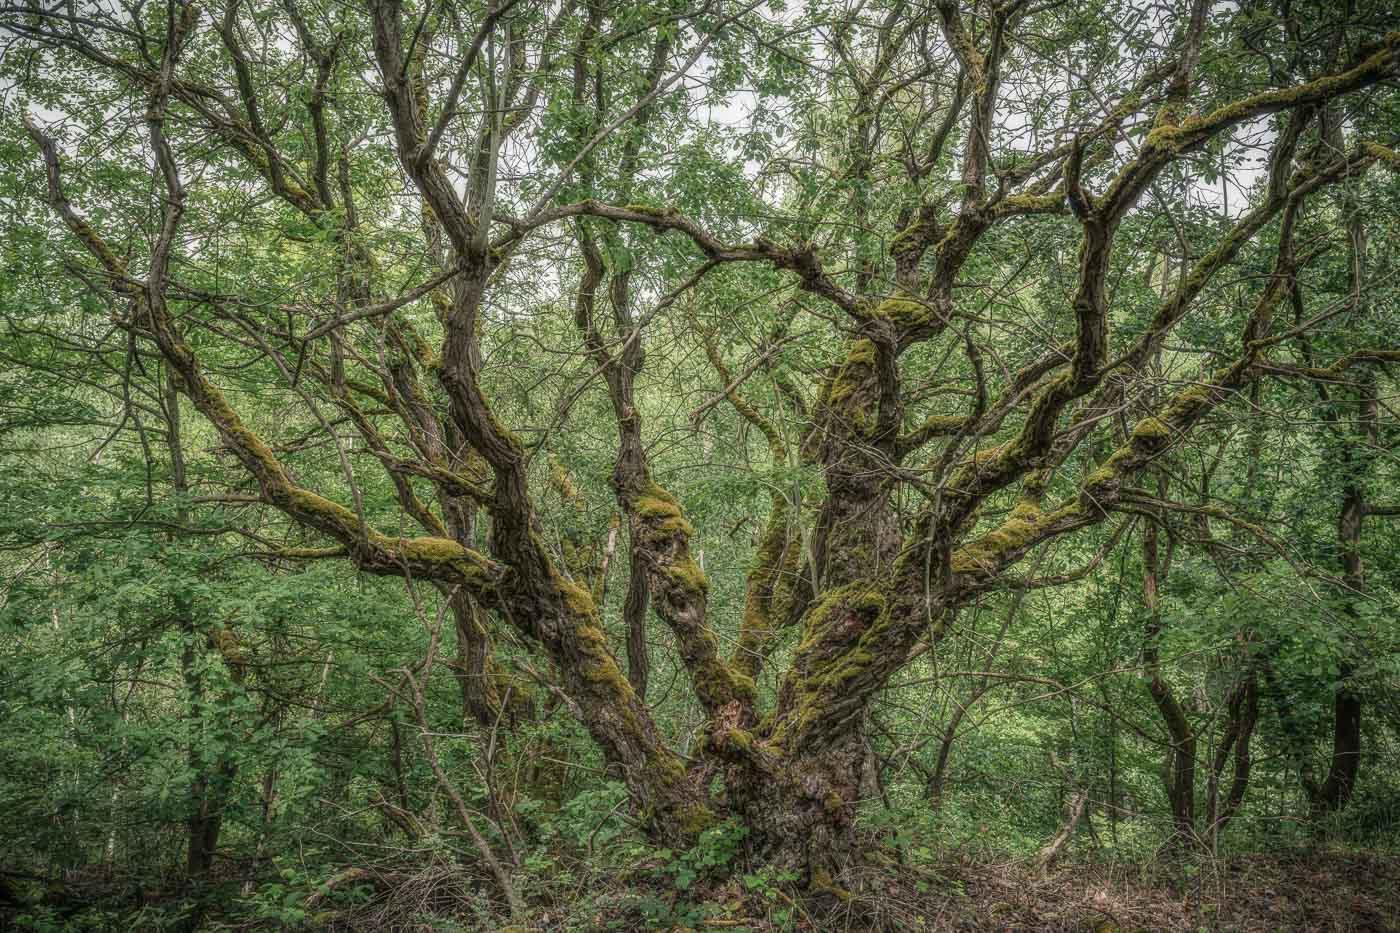 Jahresrückblick 2020 - Mai - Alte vermisste Eiche im ehemaligen Basaltbergbau Ettringen